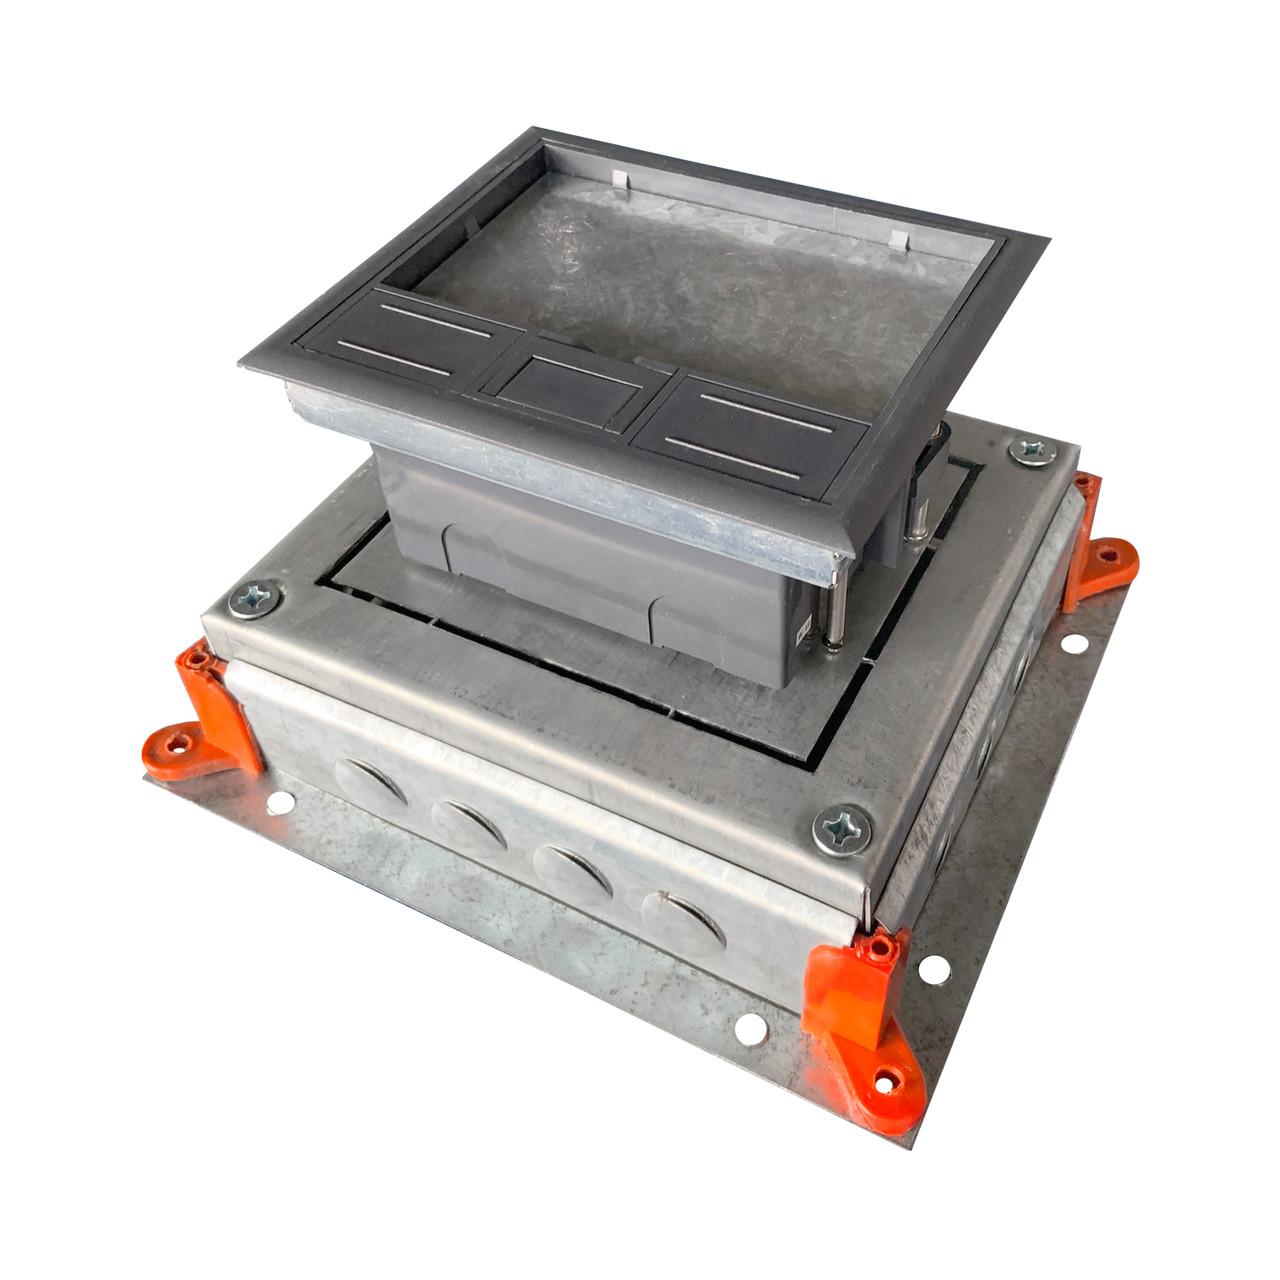 Монтажное основание под заливку в бетон, для лючка HTD-622, размер 255Х230 мм